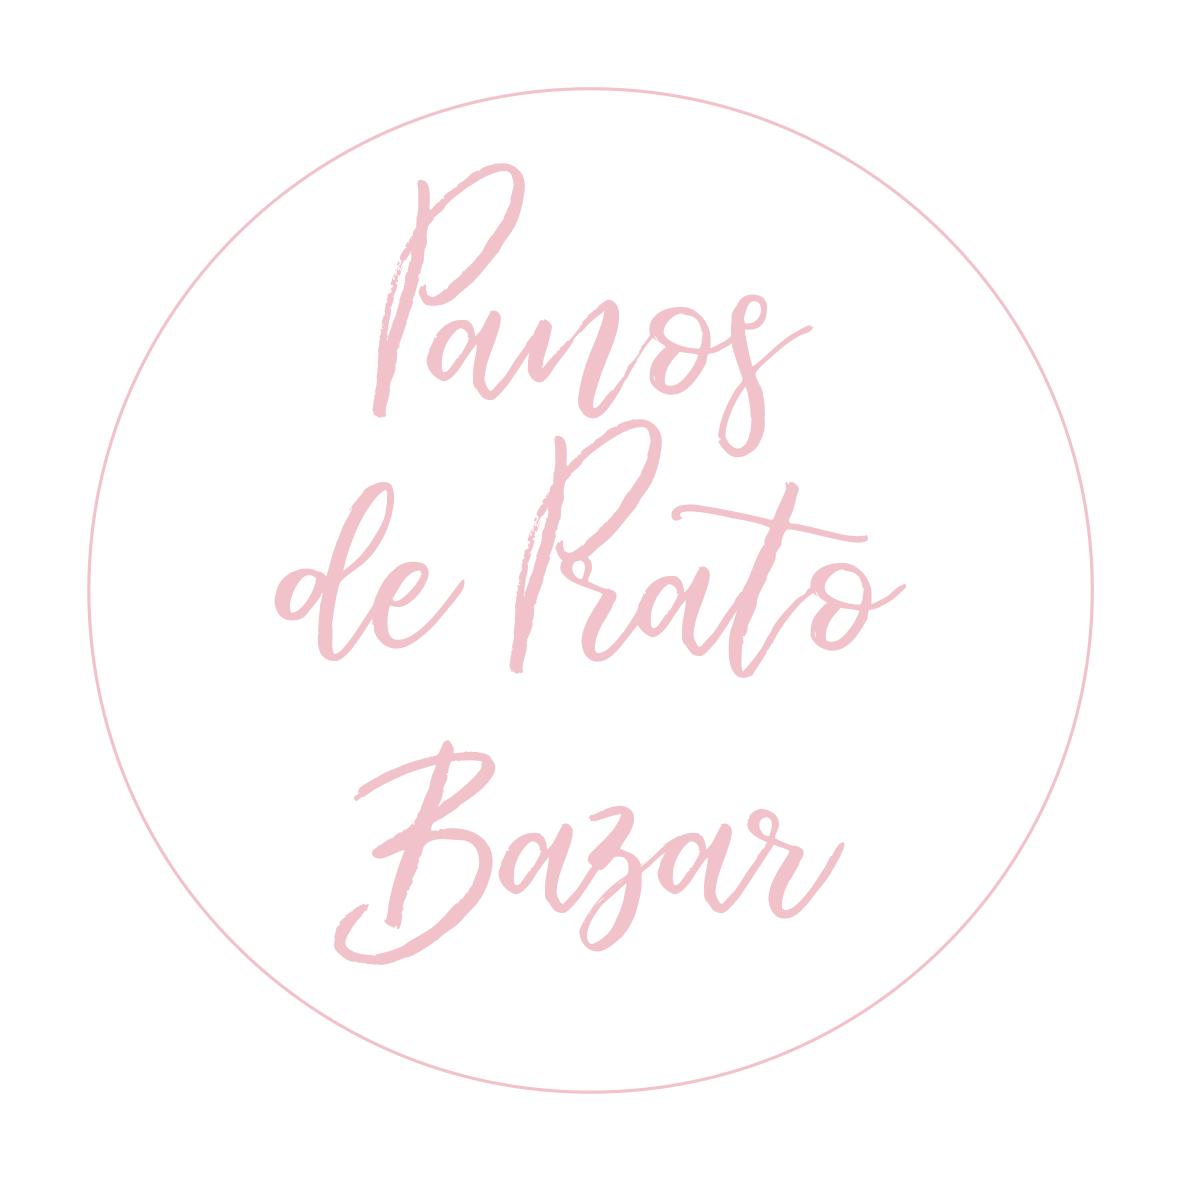 Kit Panos de Prato Bazar